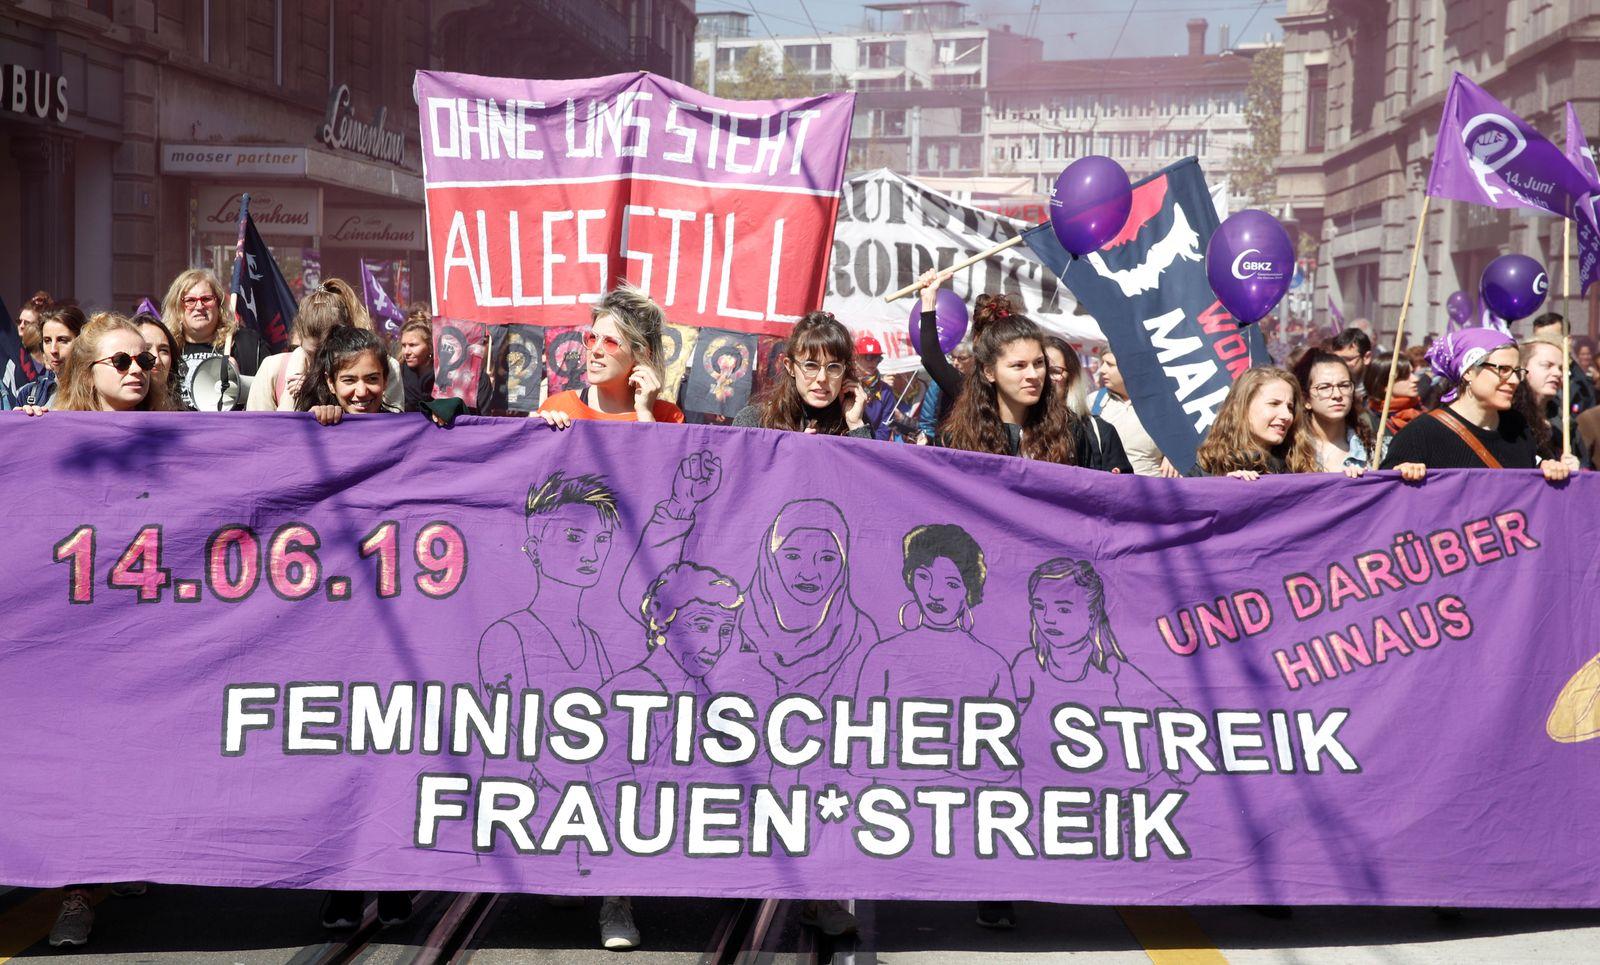 Schweiz / Frauentag